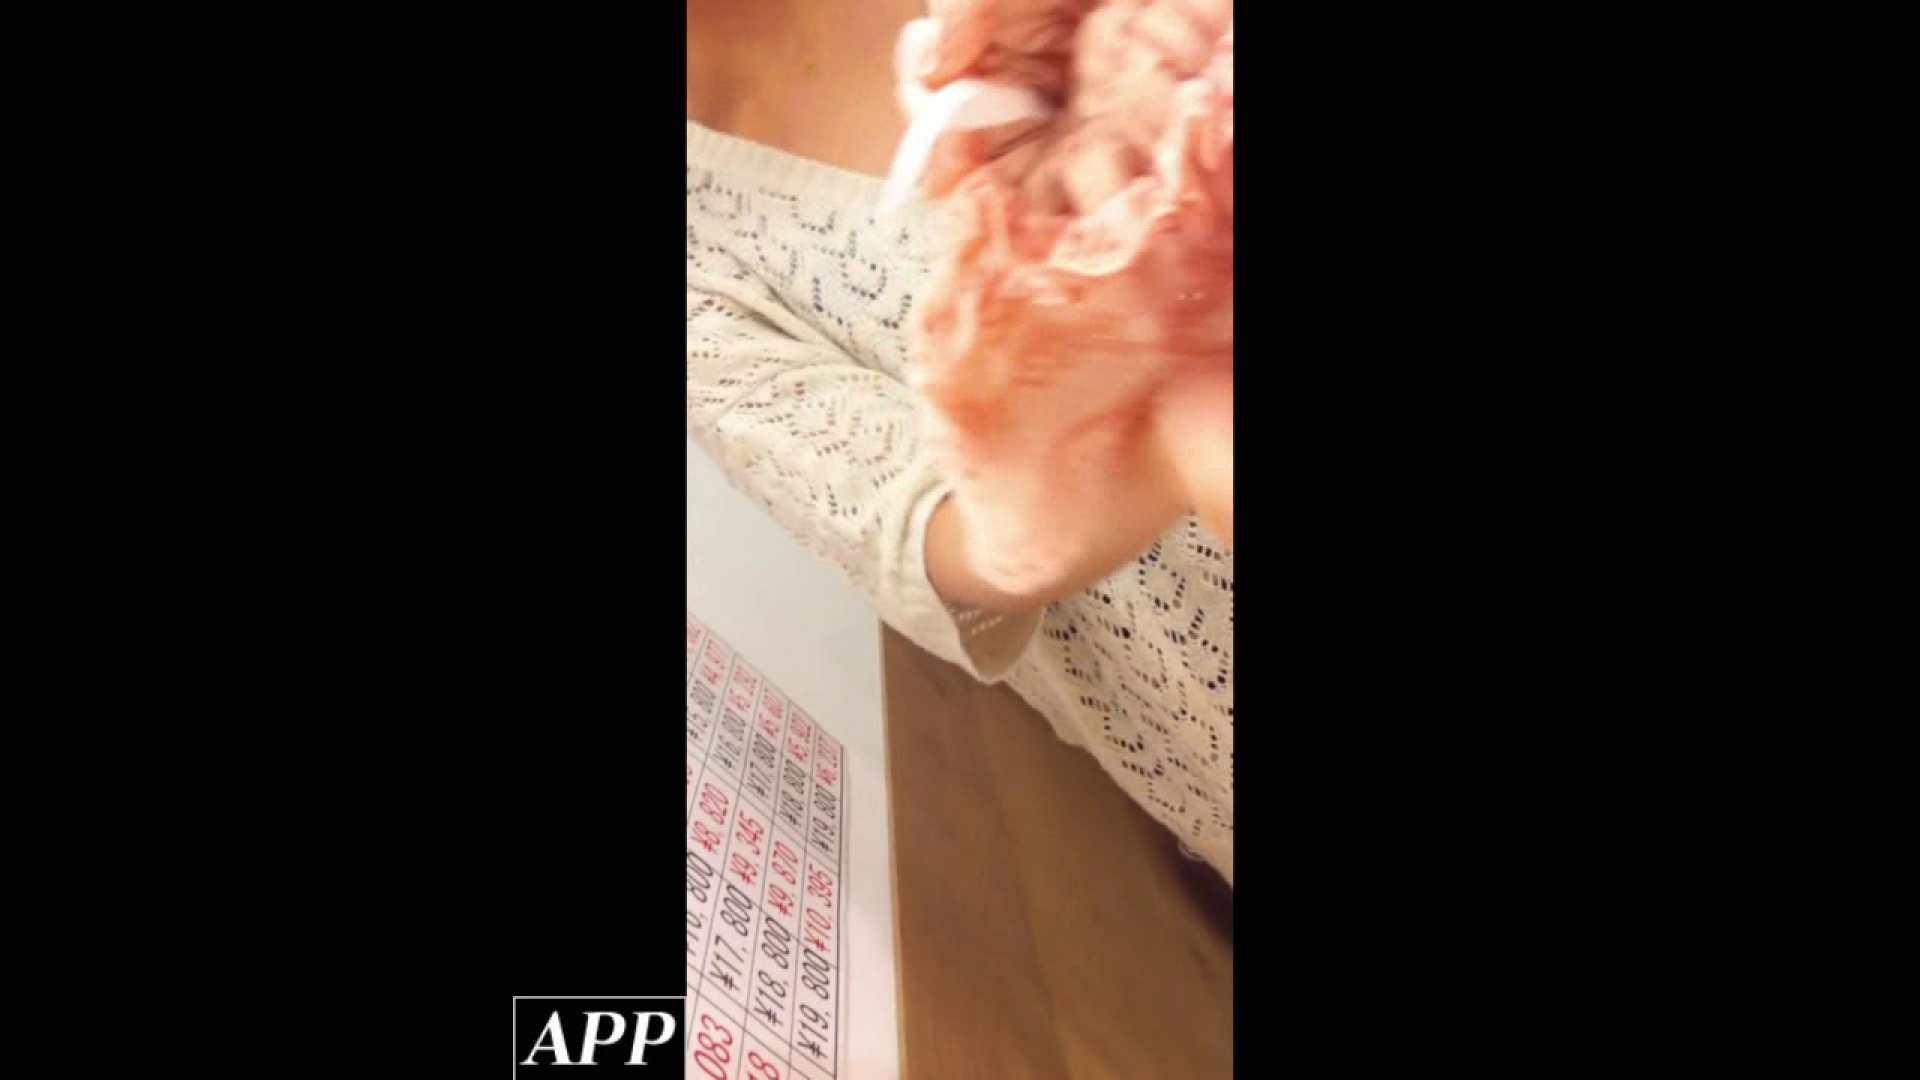 ハイビジョン盗撮!ショップ店員千人斬り!胸チラ編 vol.93 チクビ 盗撮オマンコ無修正動画無料 42連発 17